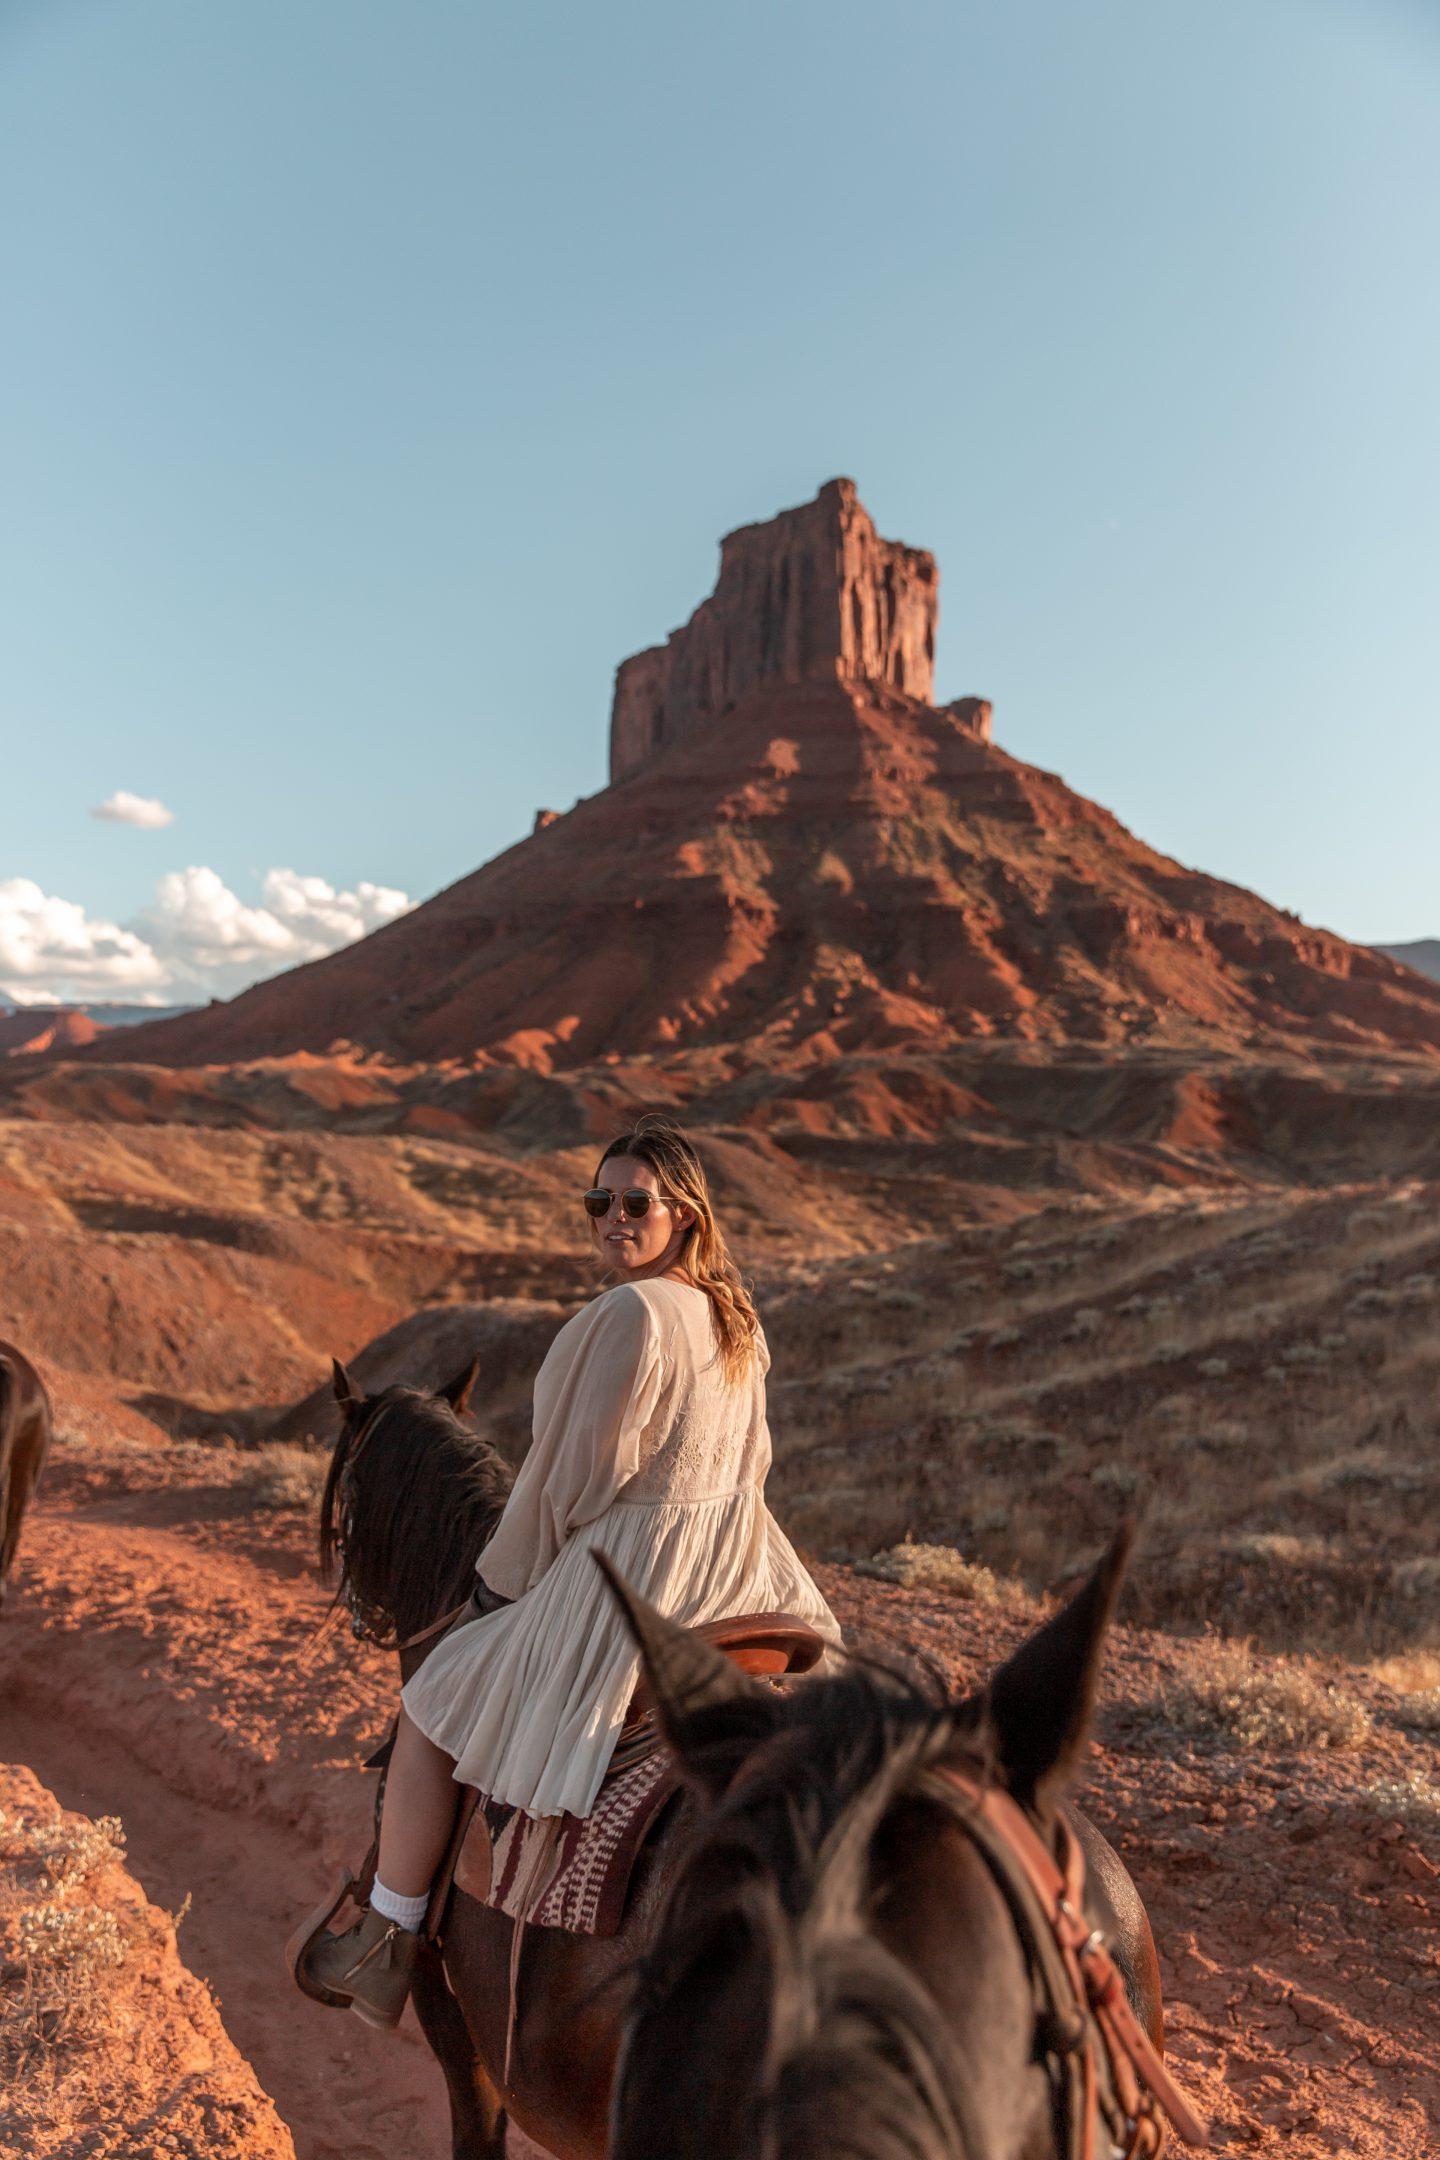 Mel Vandersluis riding a horse in Moab, Utah